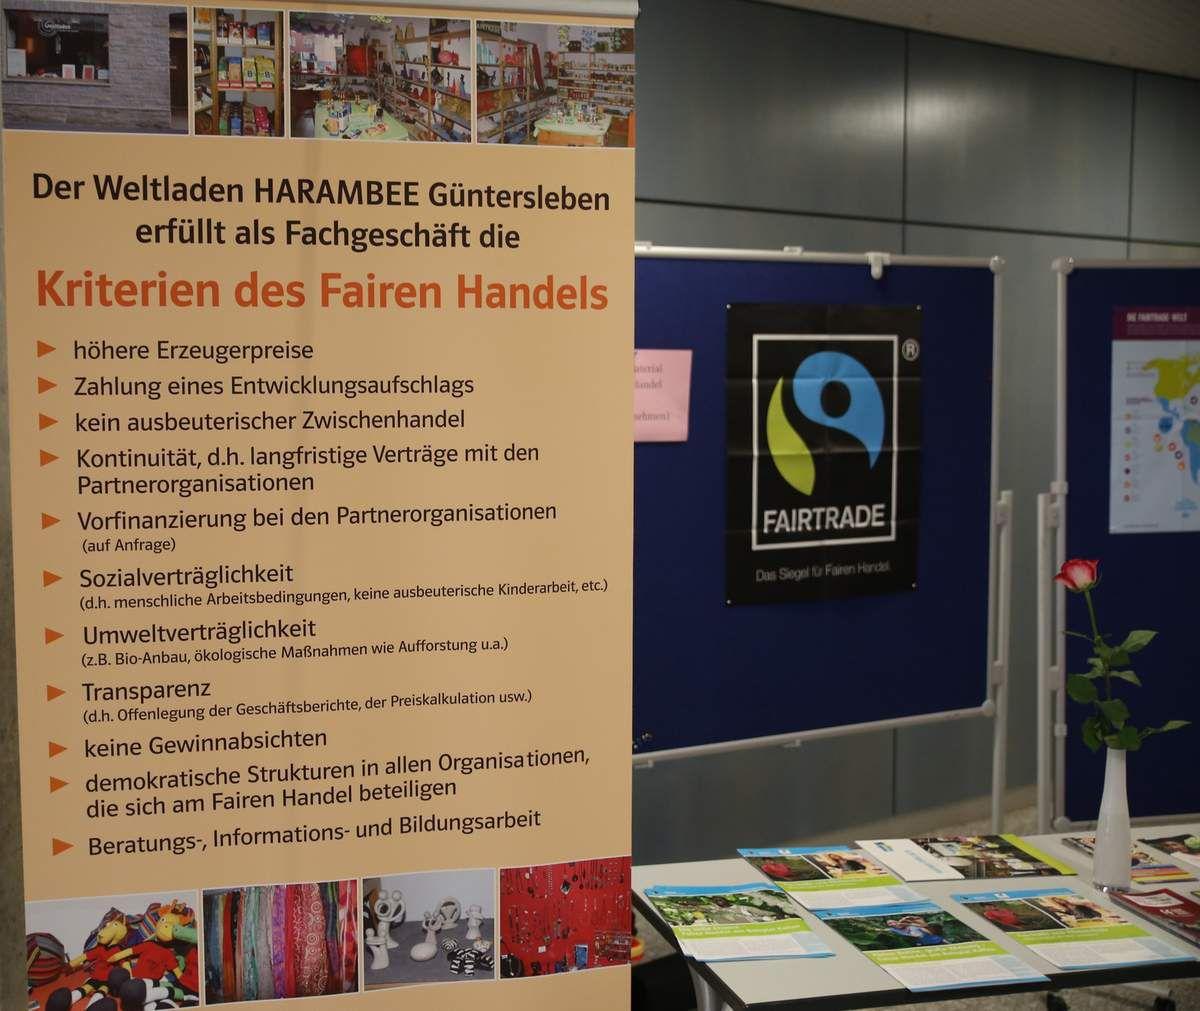 Mit einem Infostand bei der Zertifizierungfeier vertreten: Der Günterslebener Weltladen Harambee